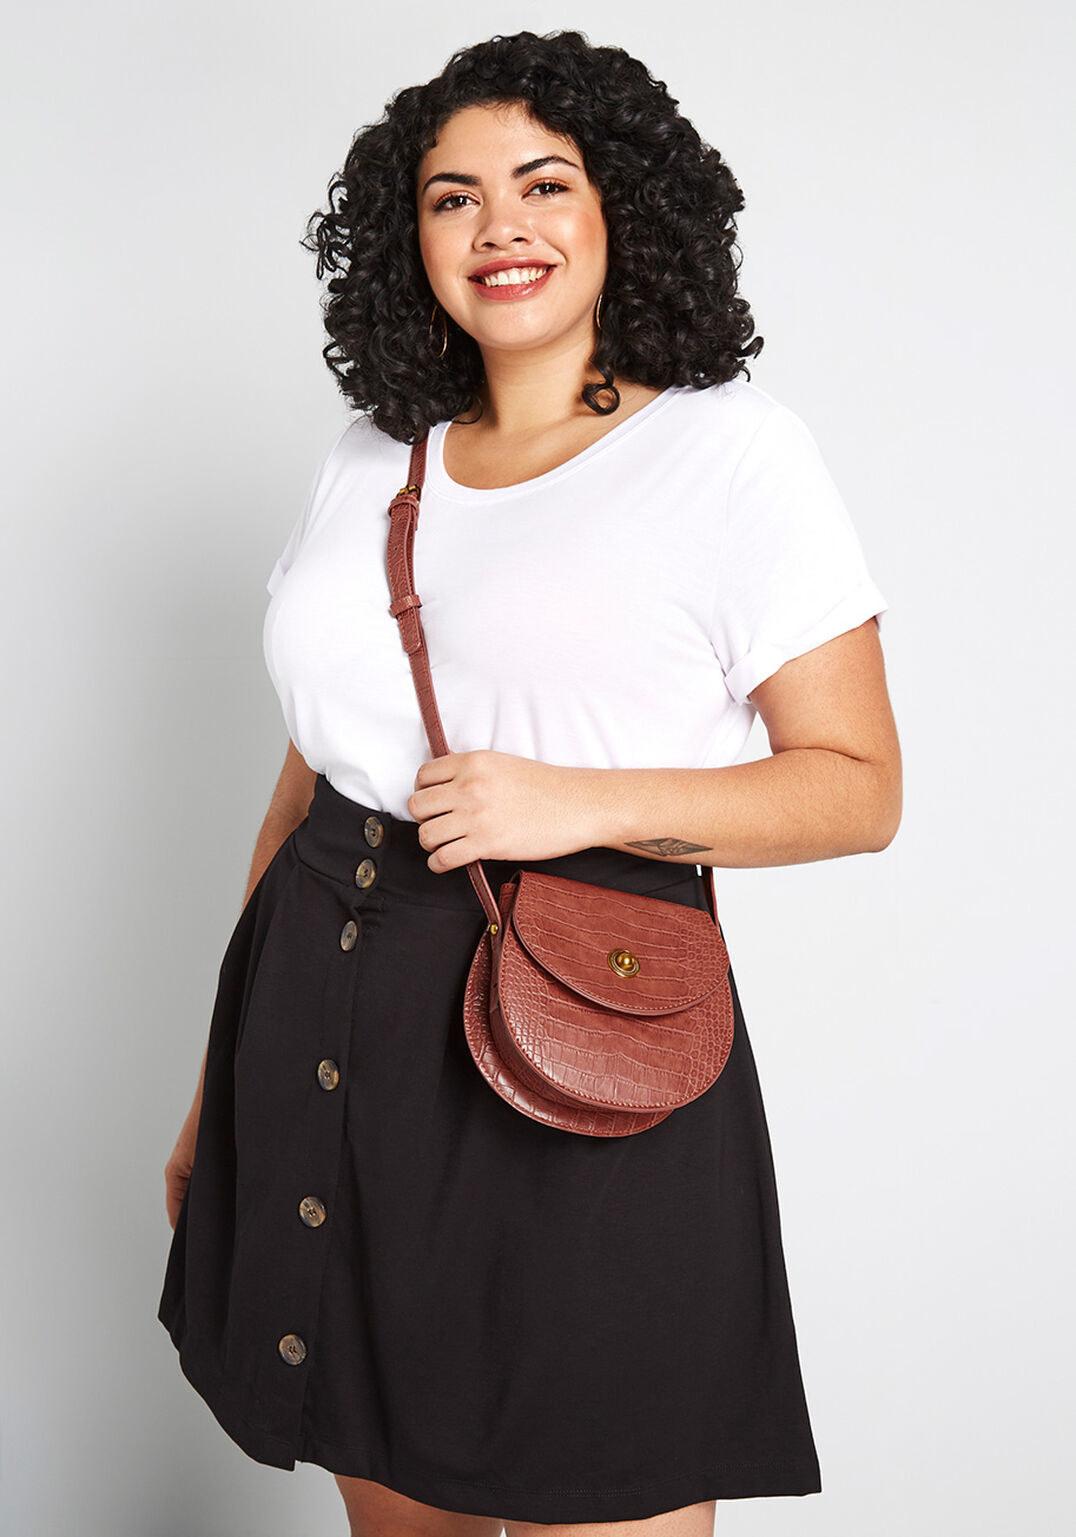 model wearing the brown crocodile pattern purse